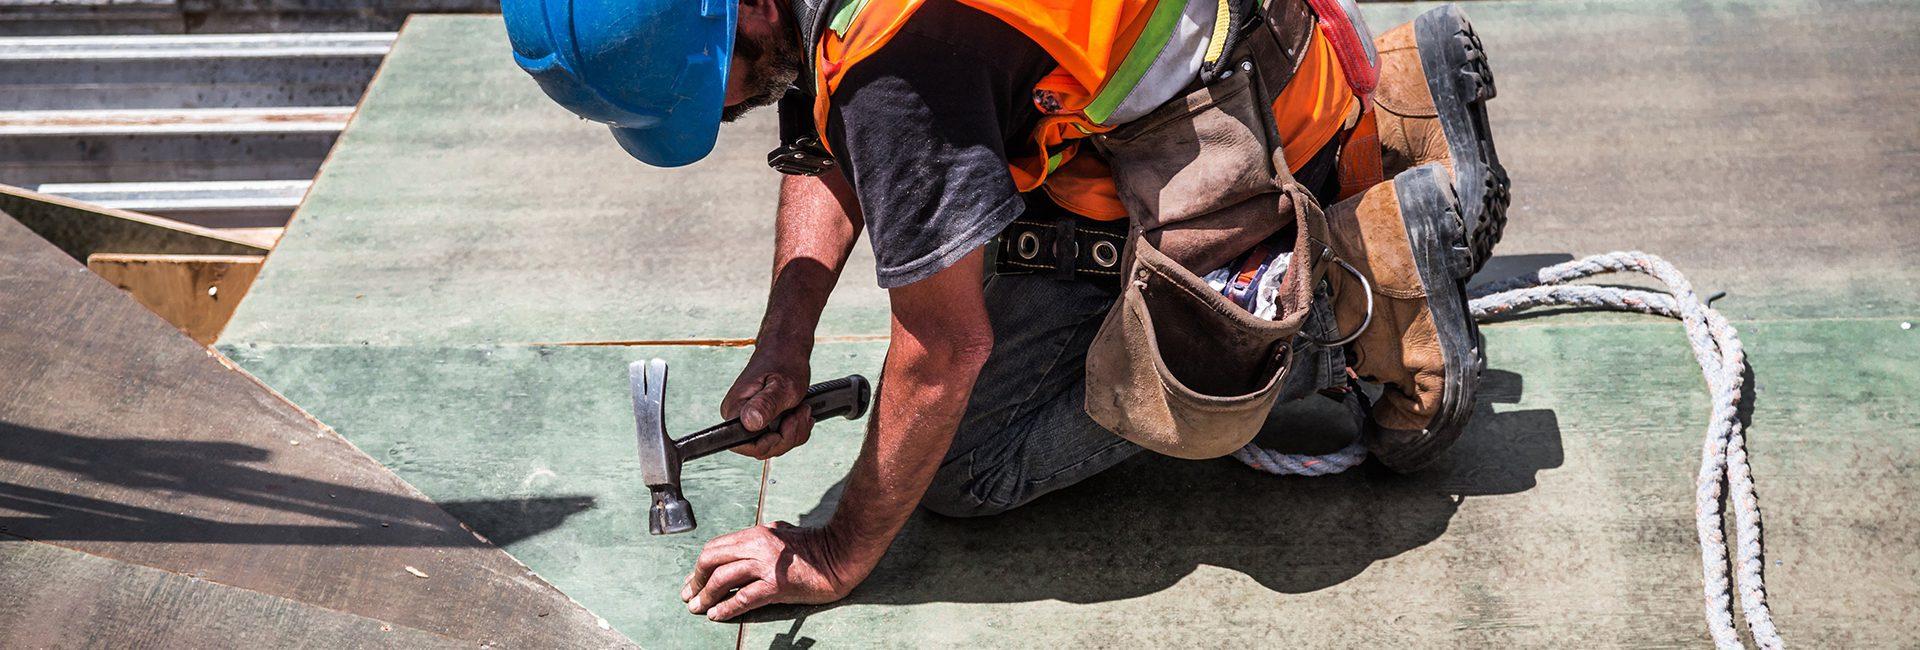 man-wearing-blue-hard-hat-using-hammer-resize